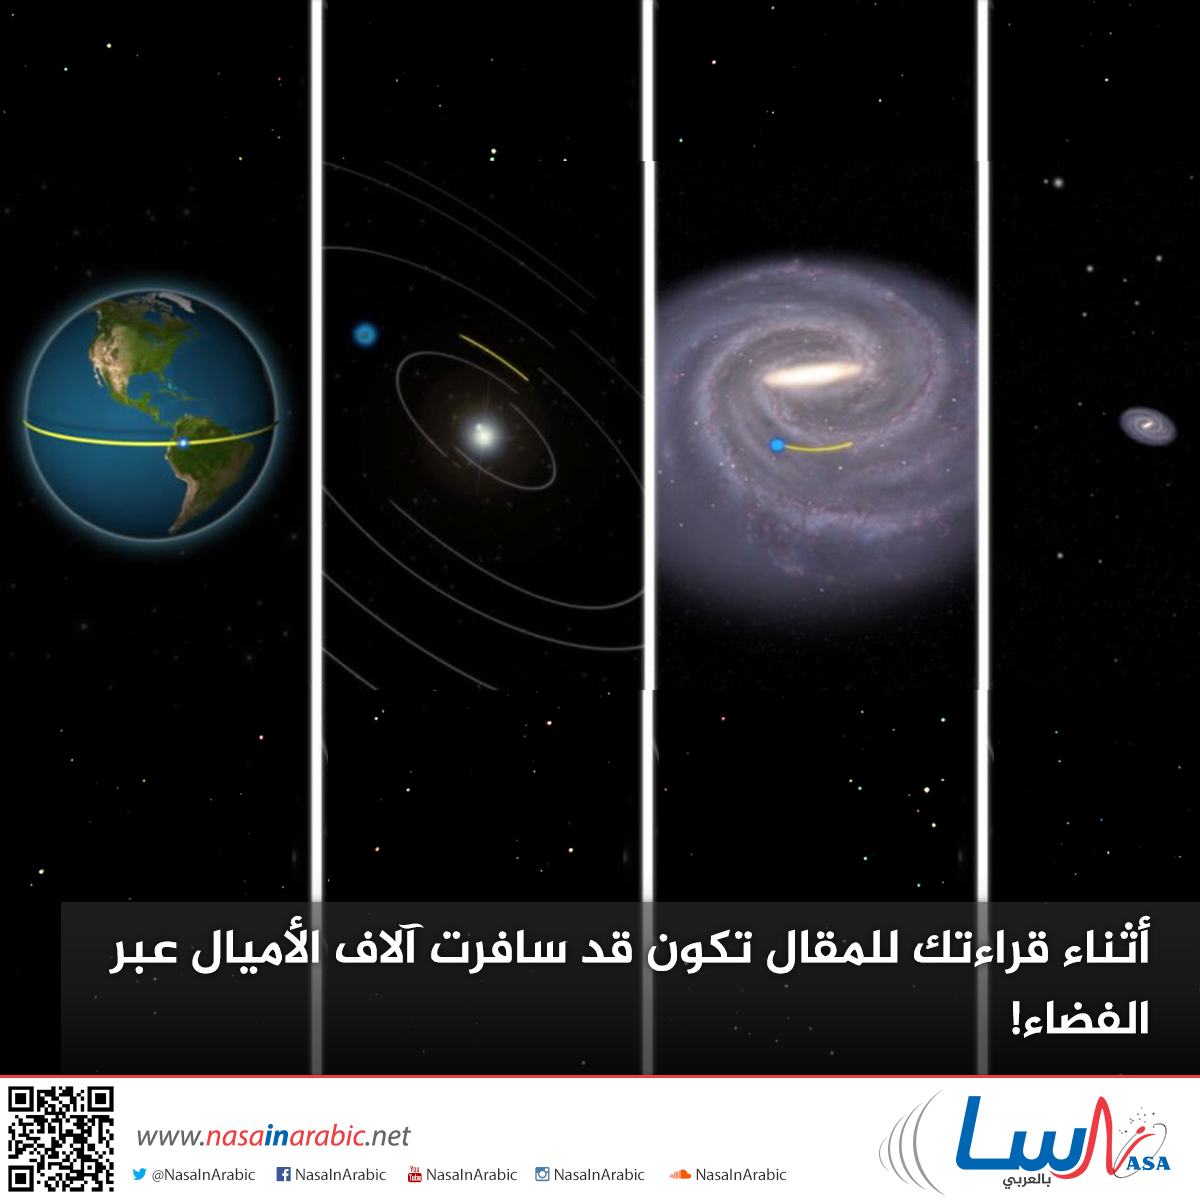 أثناء قراءتك للمقال تكون قد سافرت آلاف الأميال عبر الفضاء!